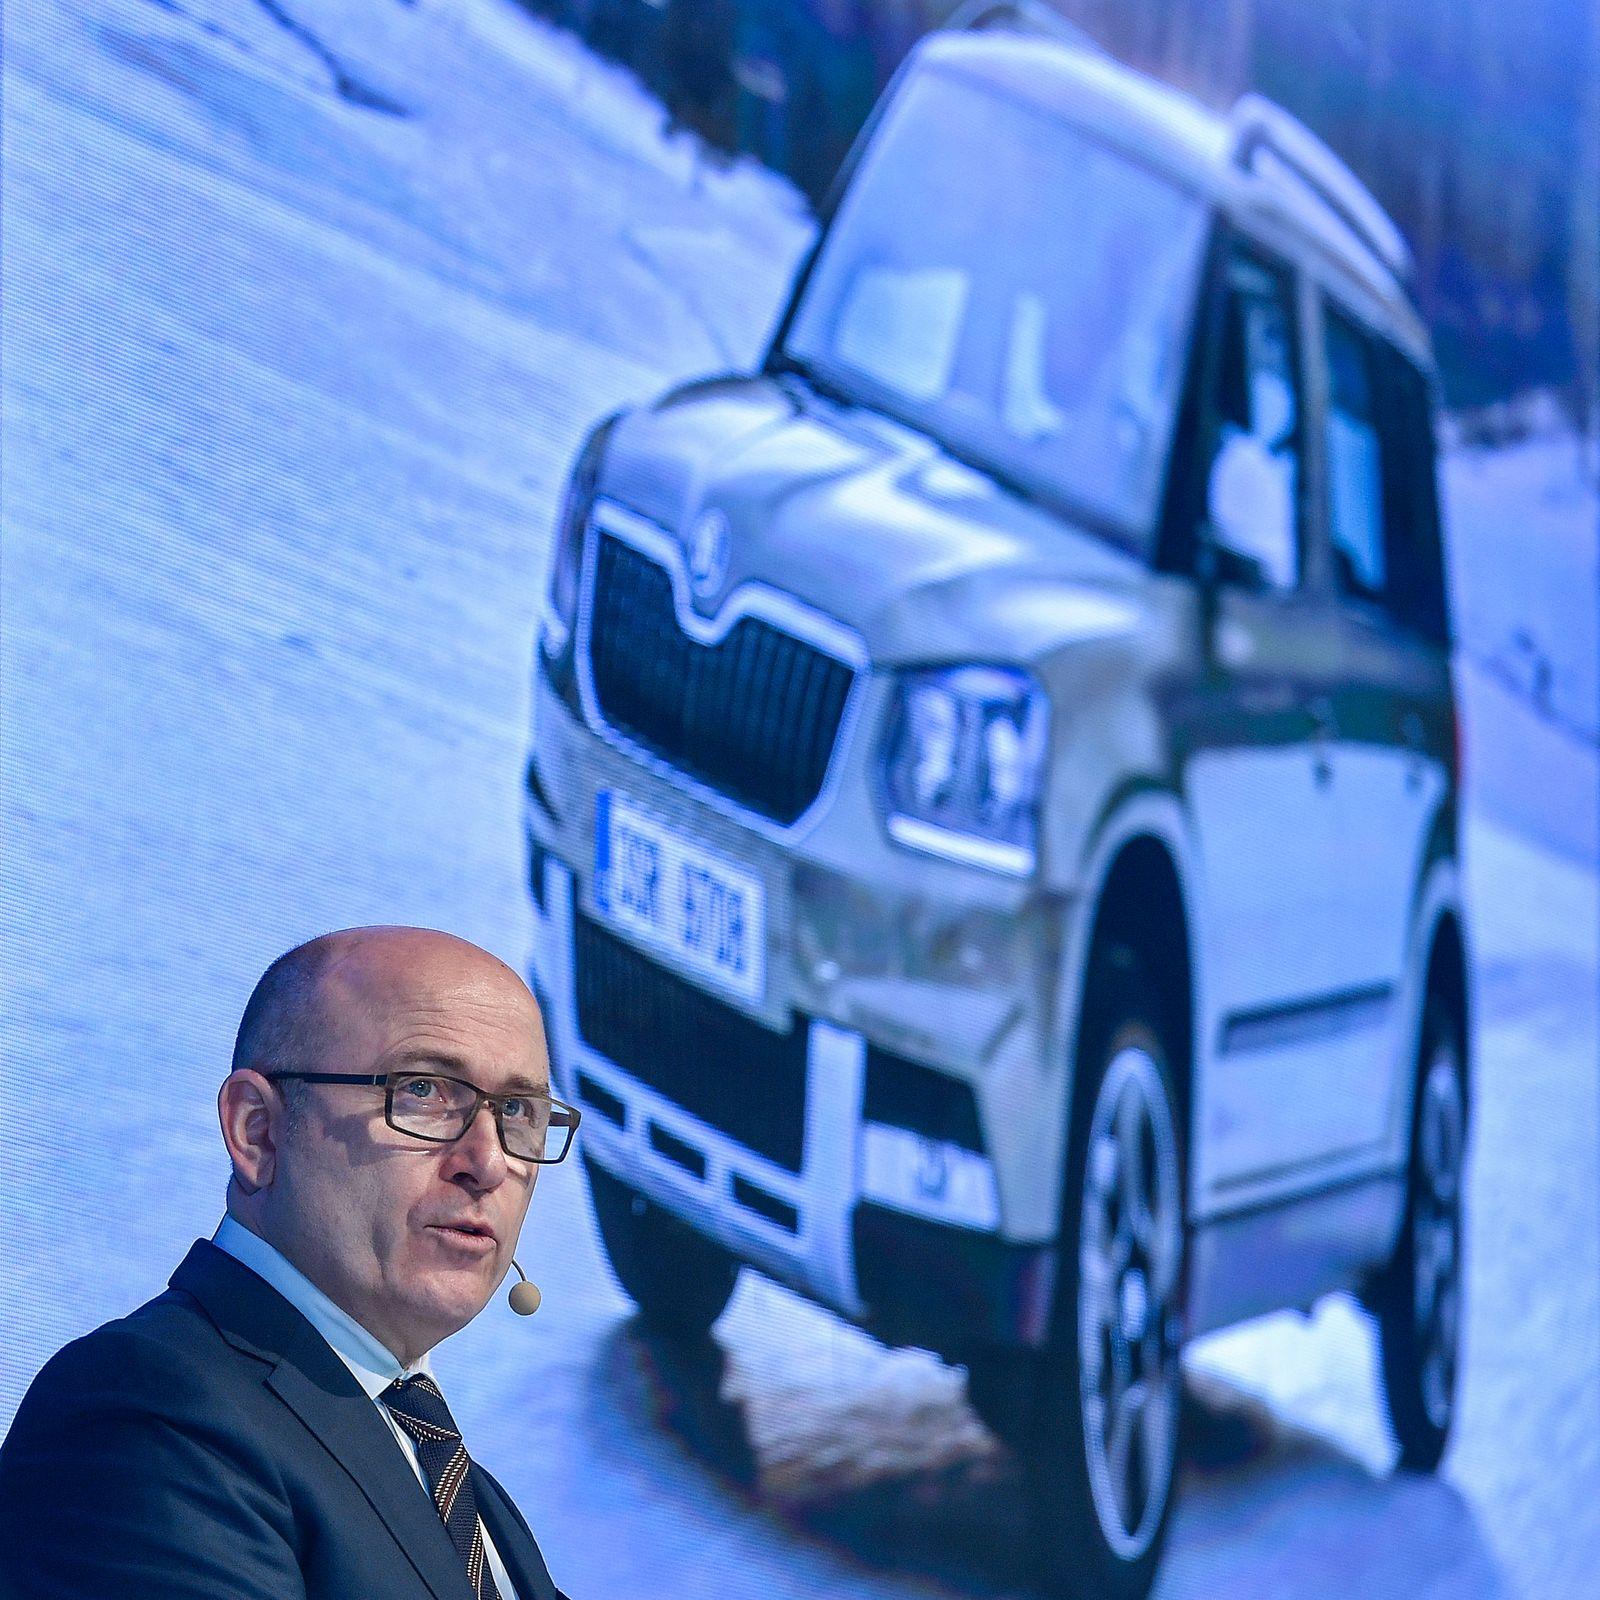 Vorstandsvorsitzender von Skoda Auto Maier